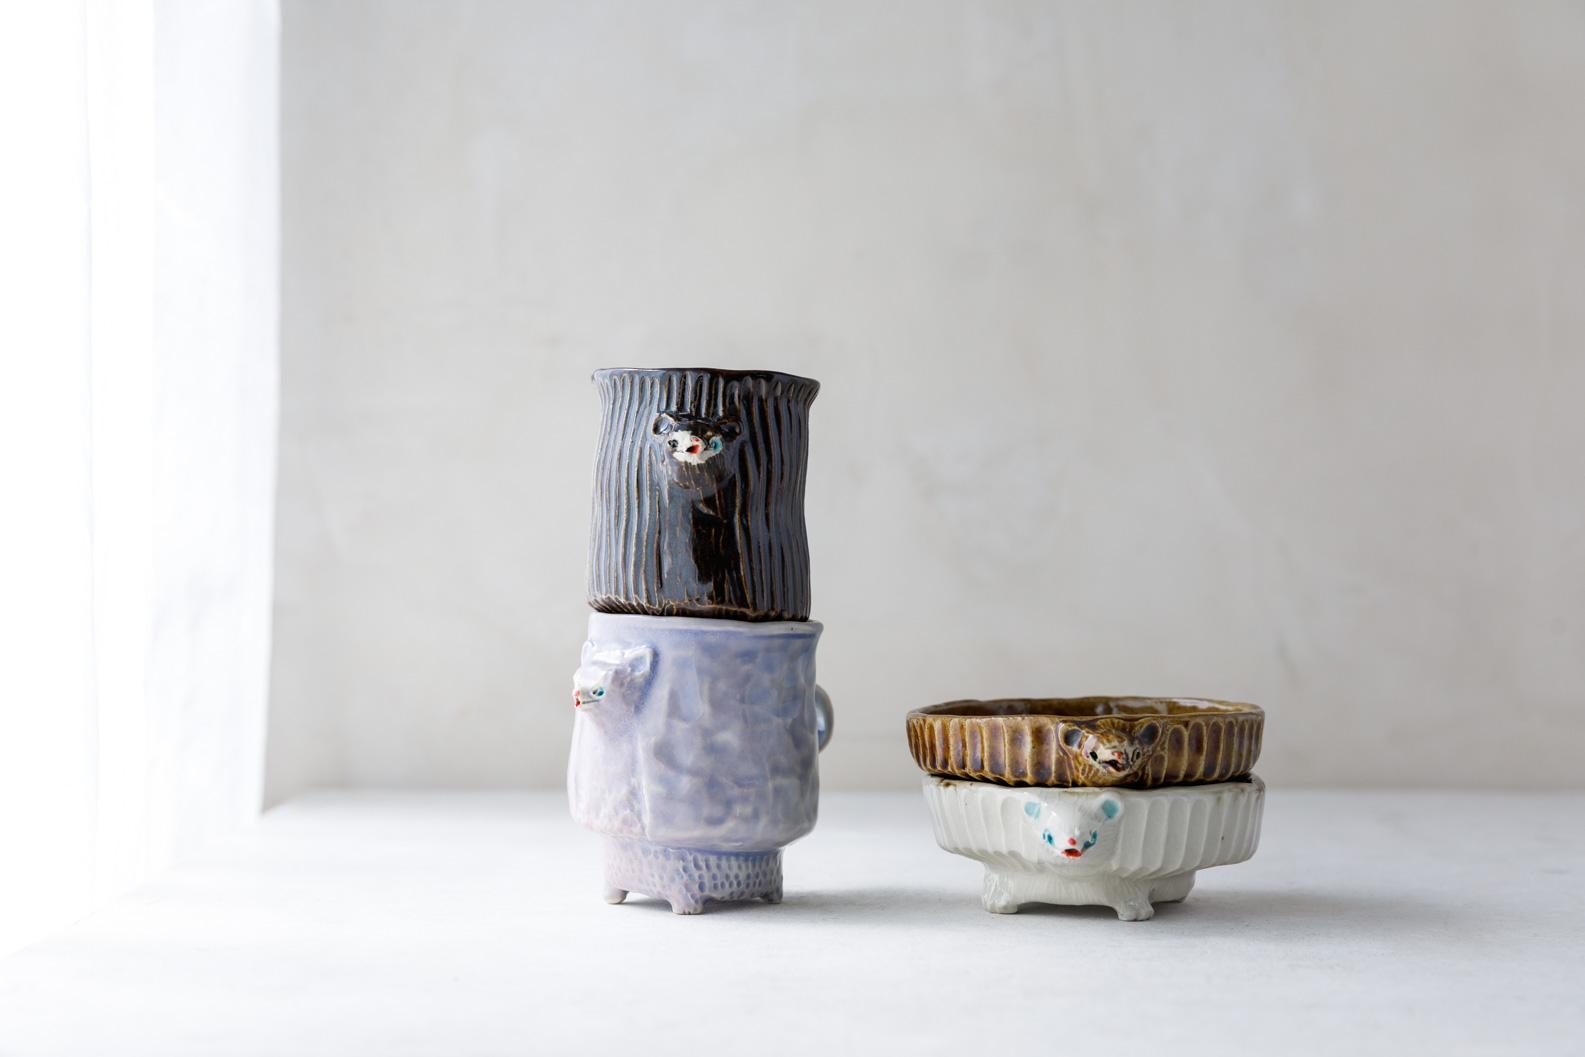 廣田哲哉 通販 作品 陶器